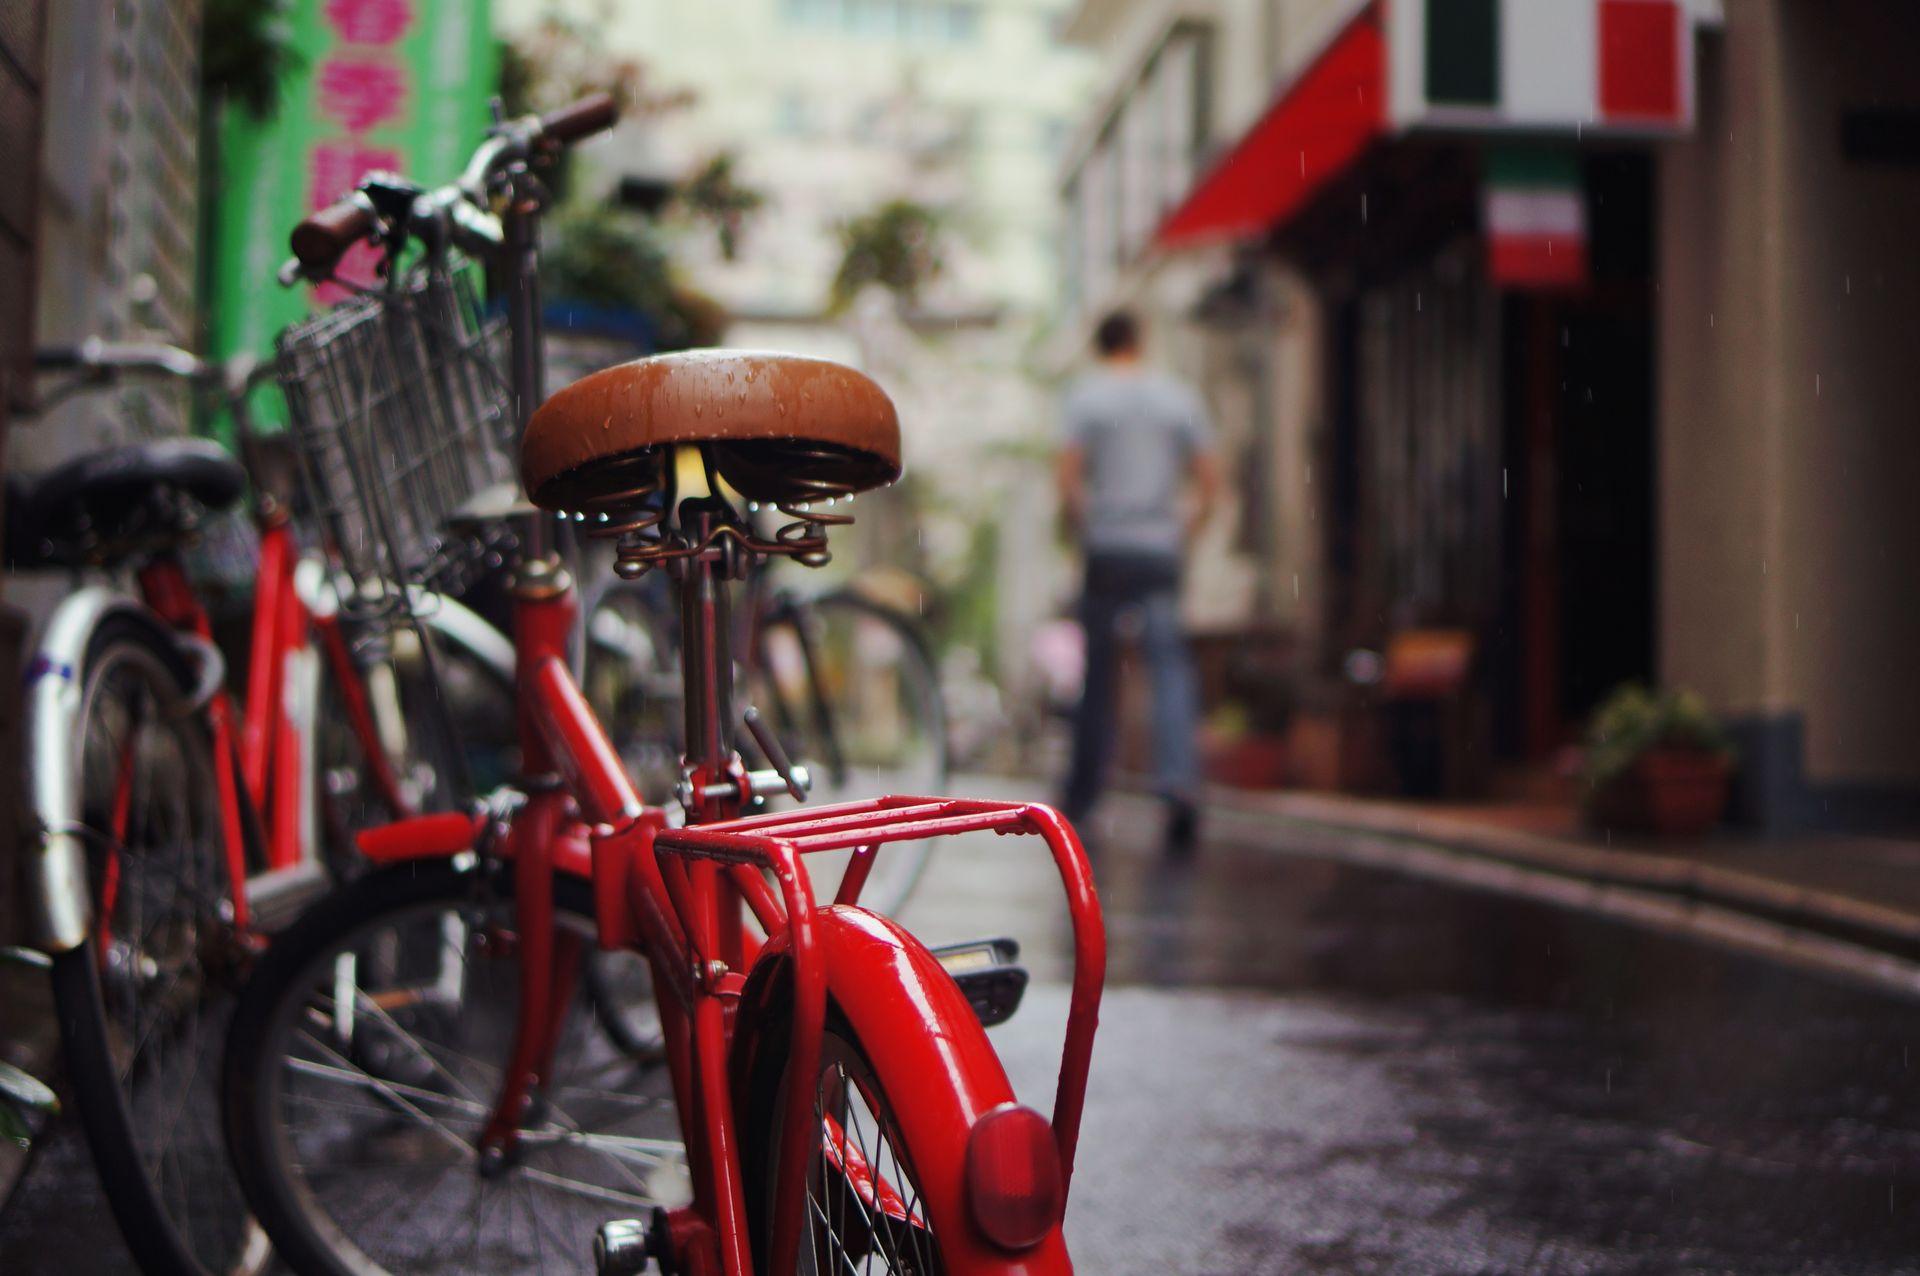 En ville, un vélo sous la pluie